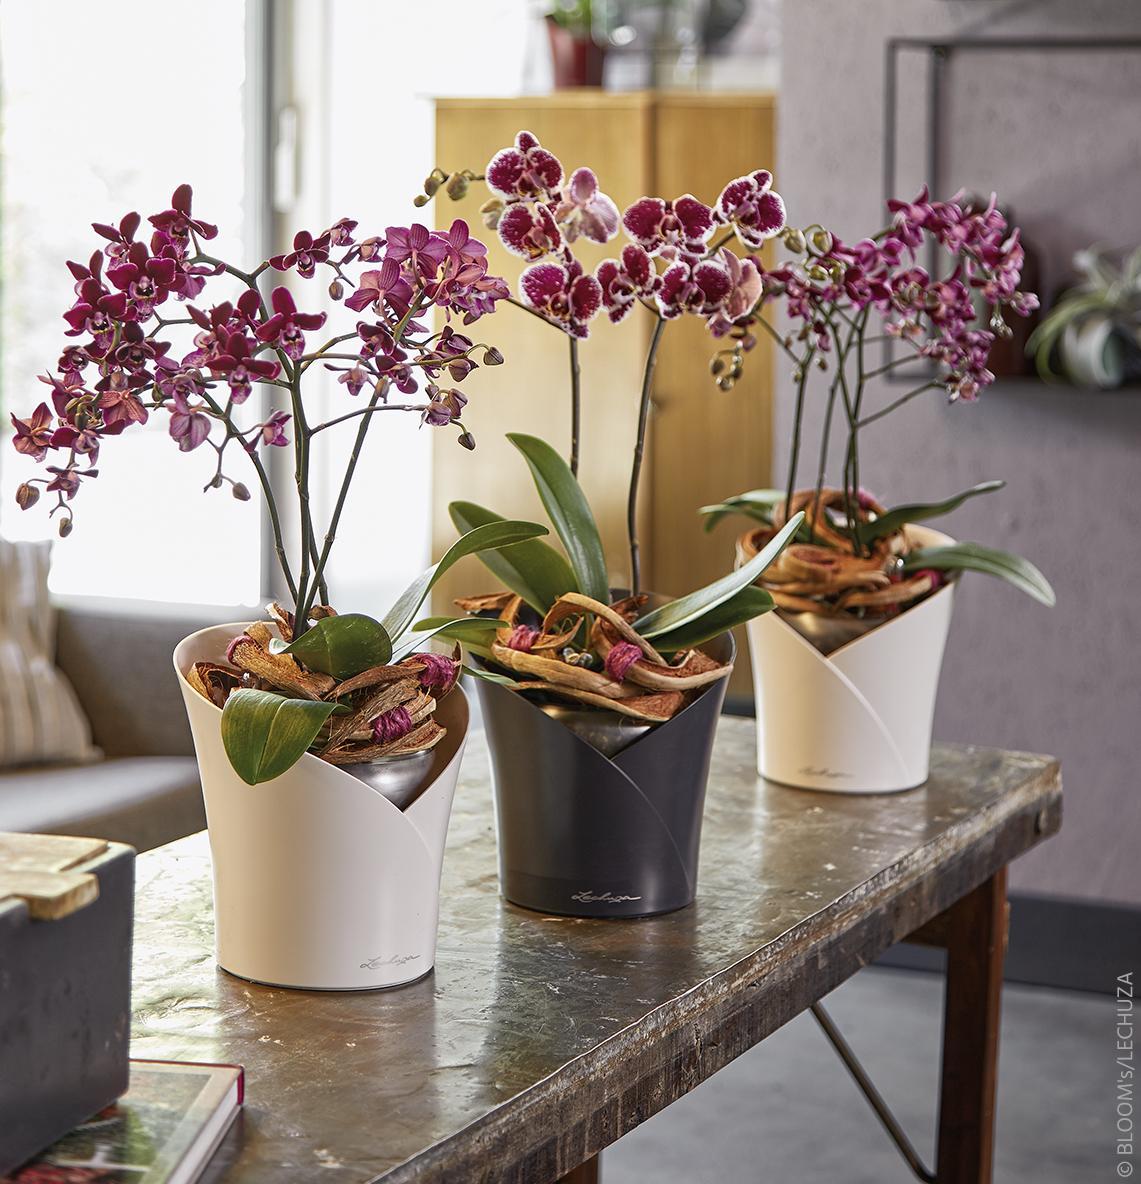 En speciaal voor de fraaie tropische bewoners heeft LECHUZA de plantbak ORCHIDEA ontwikkeld